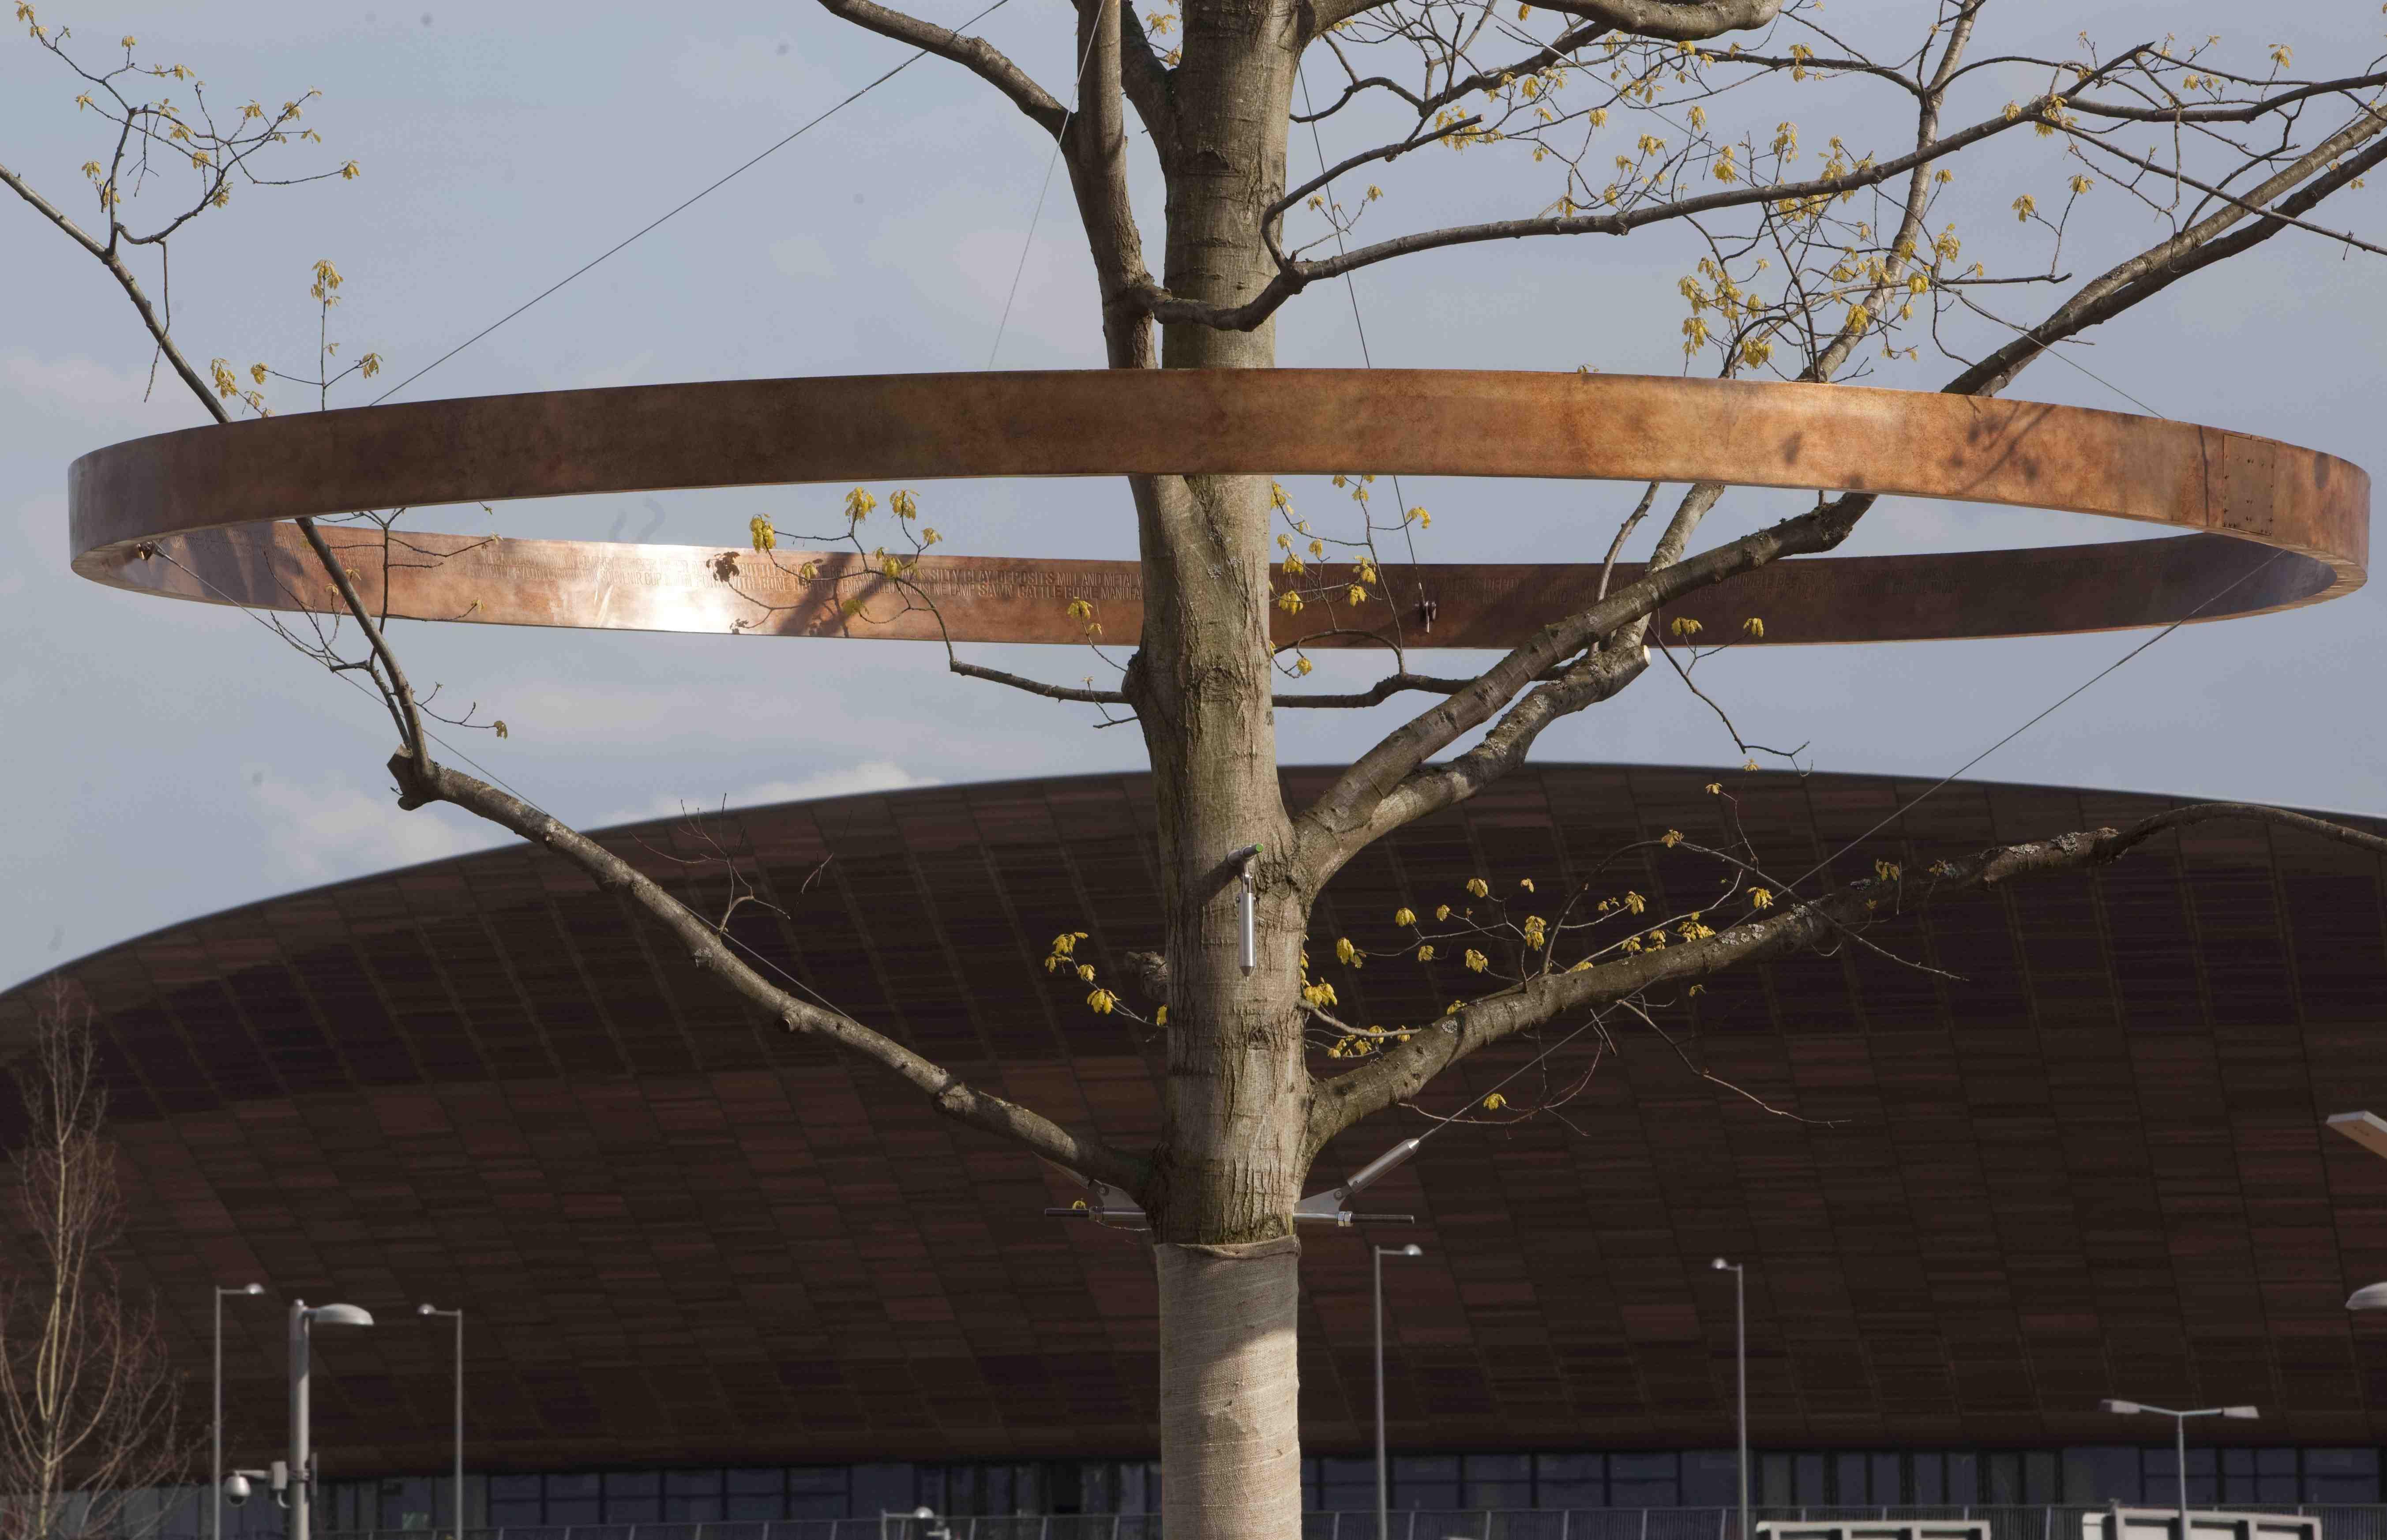 Marker trees_London_2012_April_27